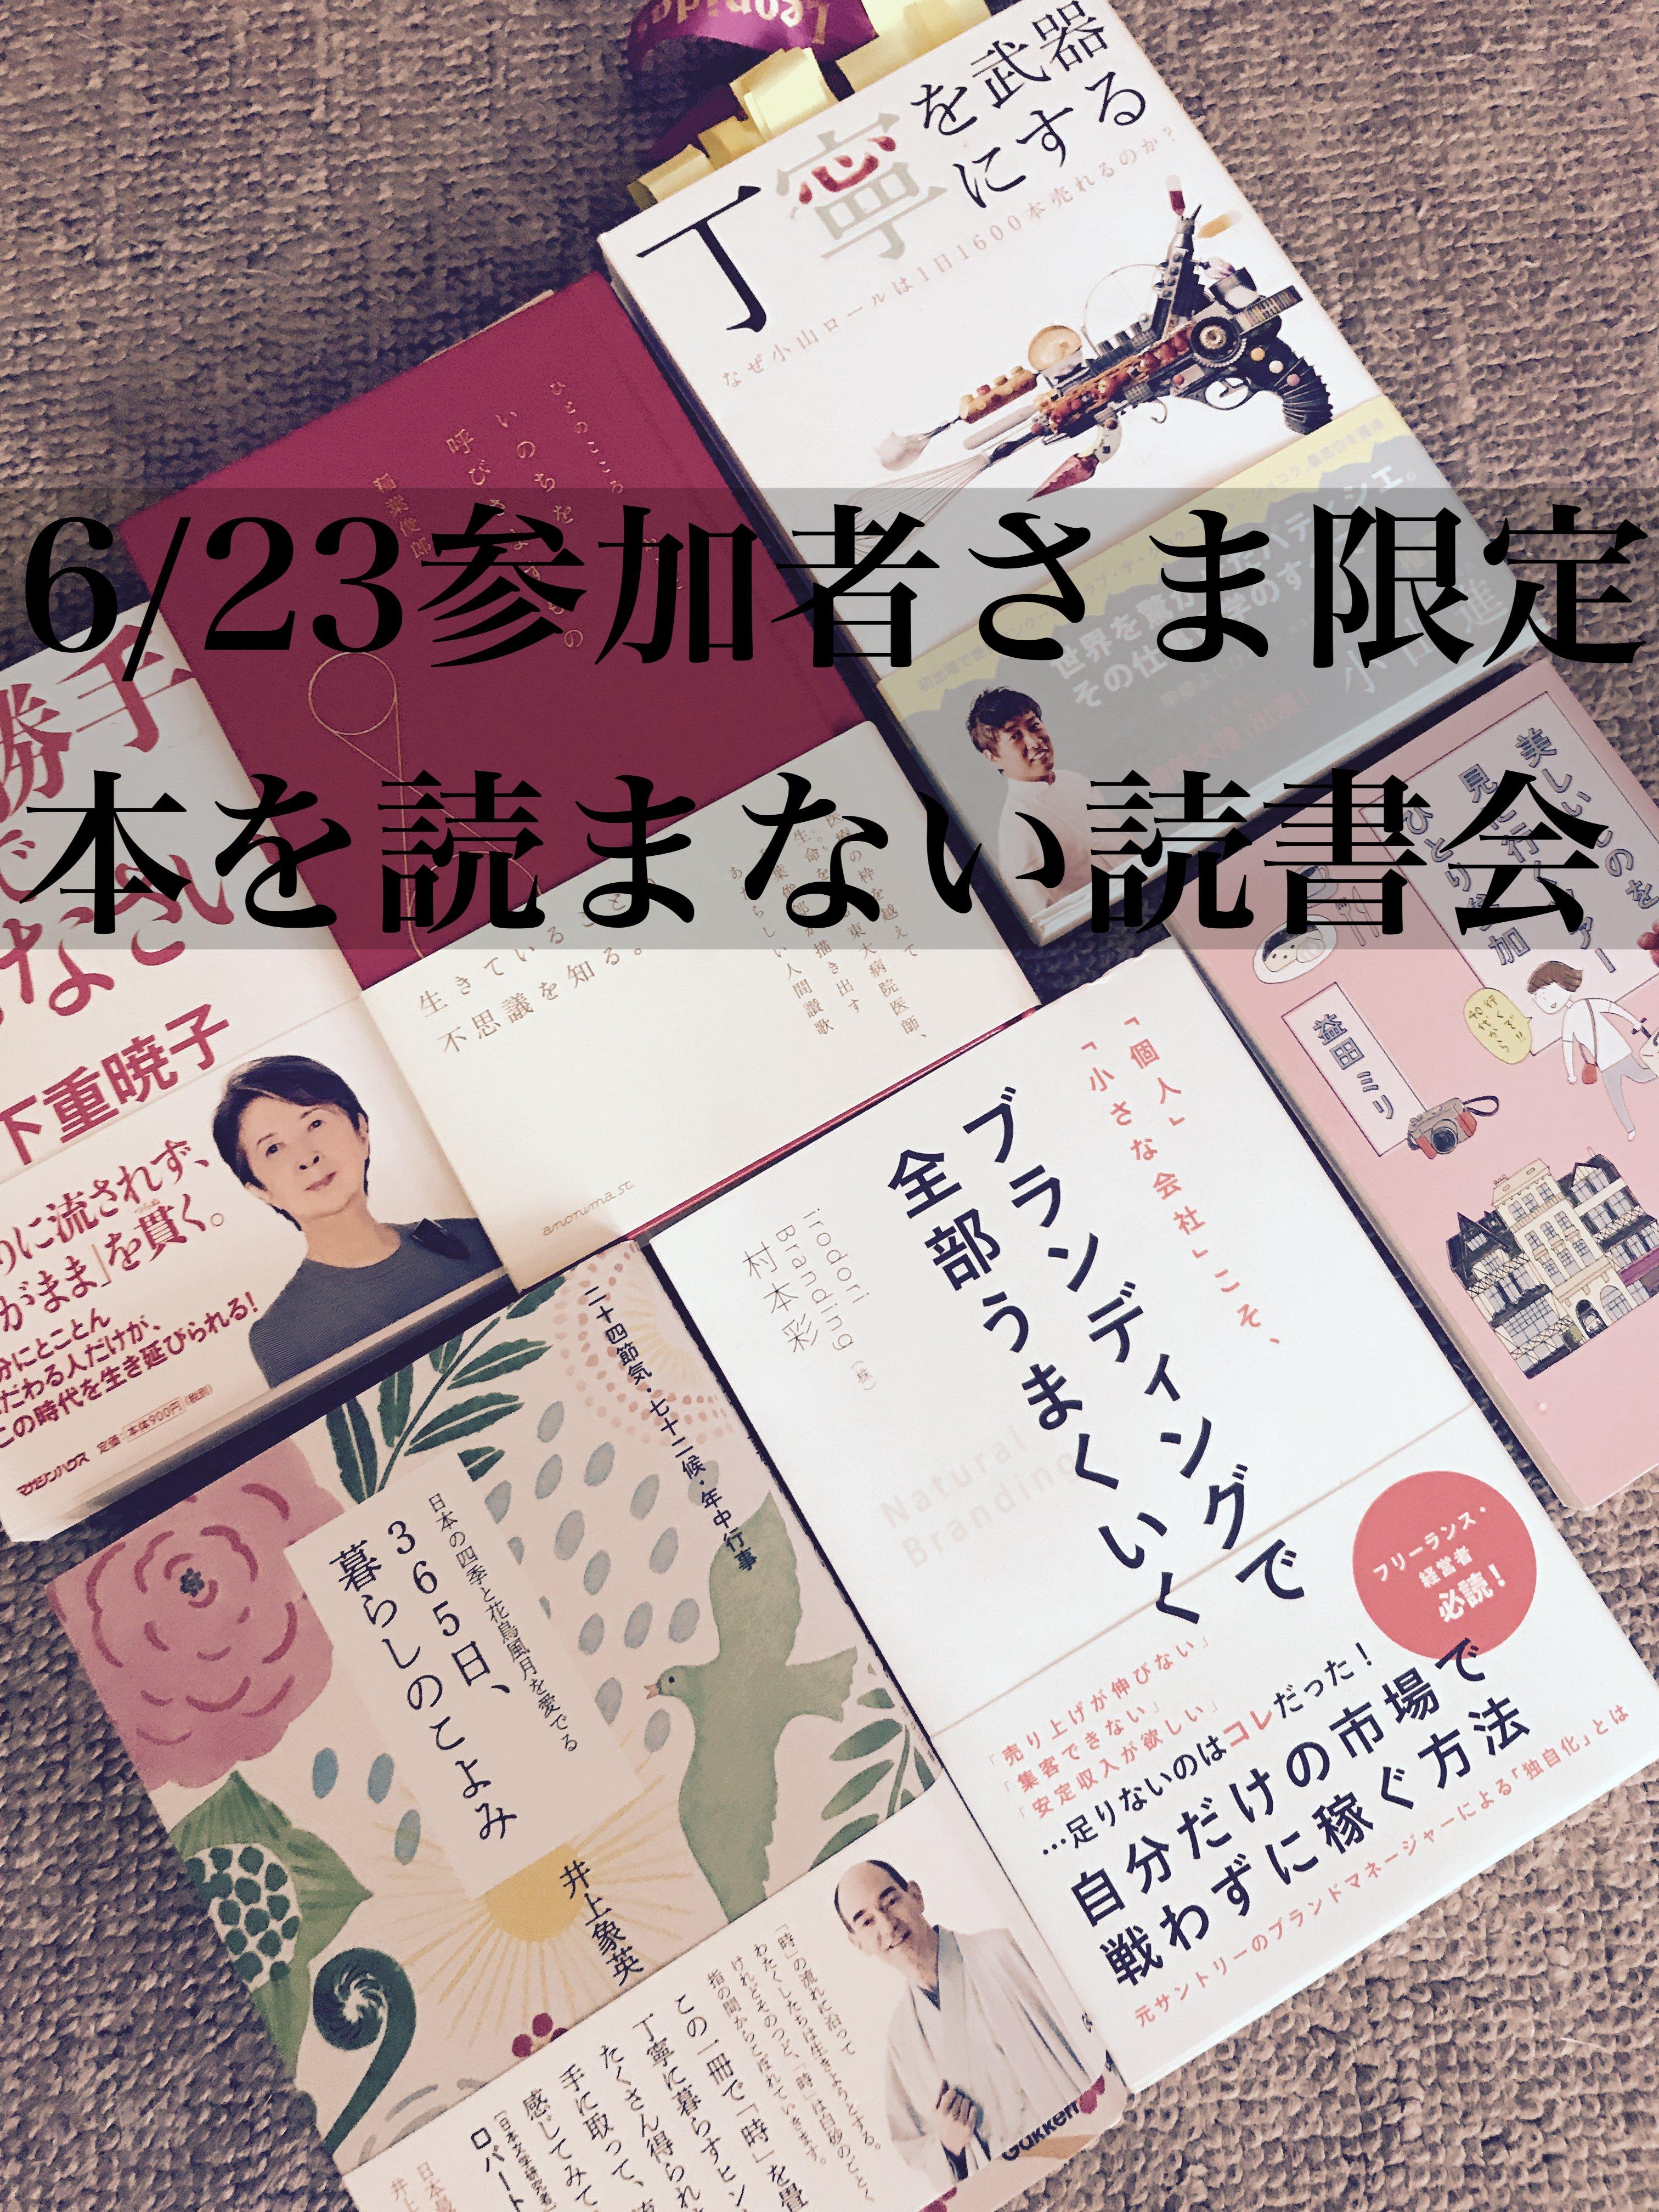 【現地払いのみ】【6/23読書会参加者さま専用】本を読まない読書会@松本(ワークショップ)のイメージその1